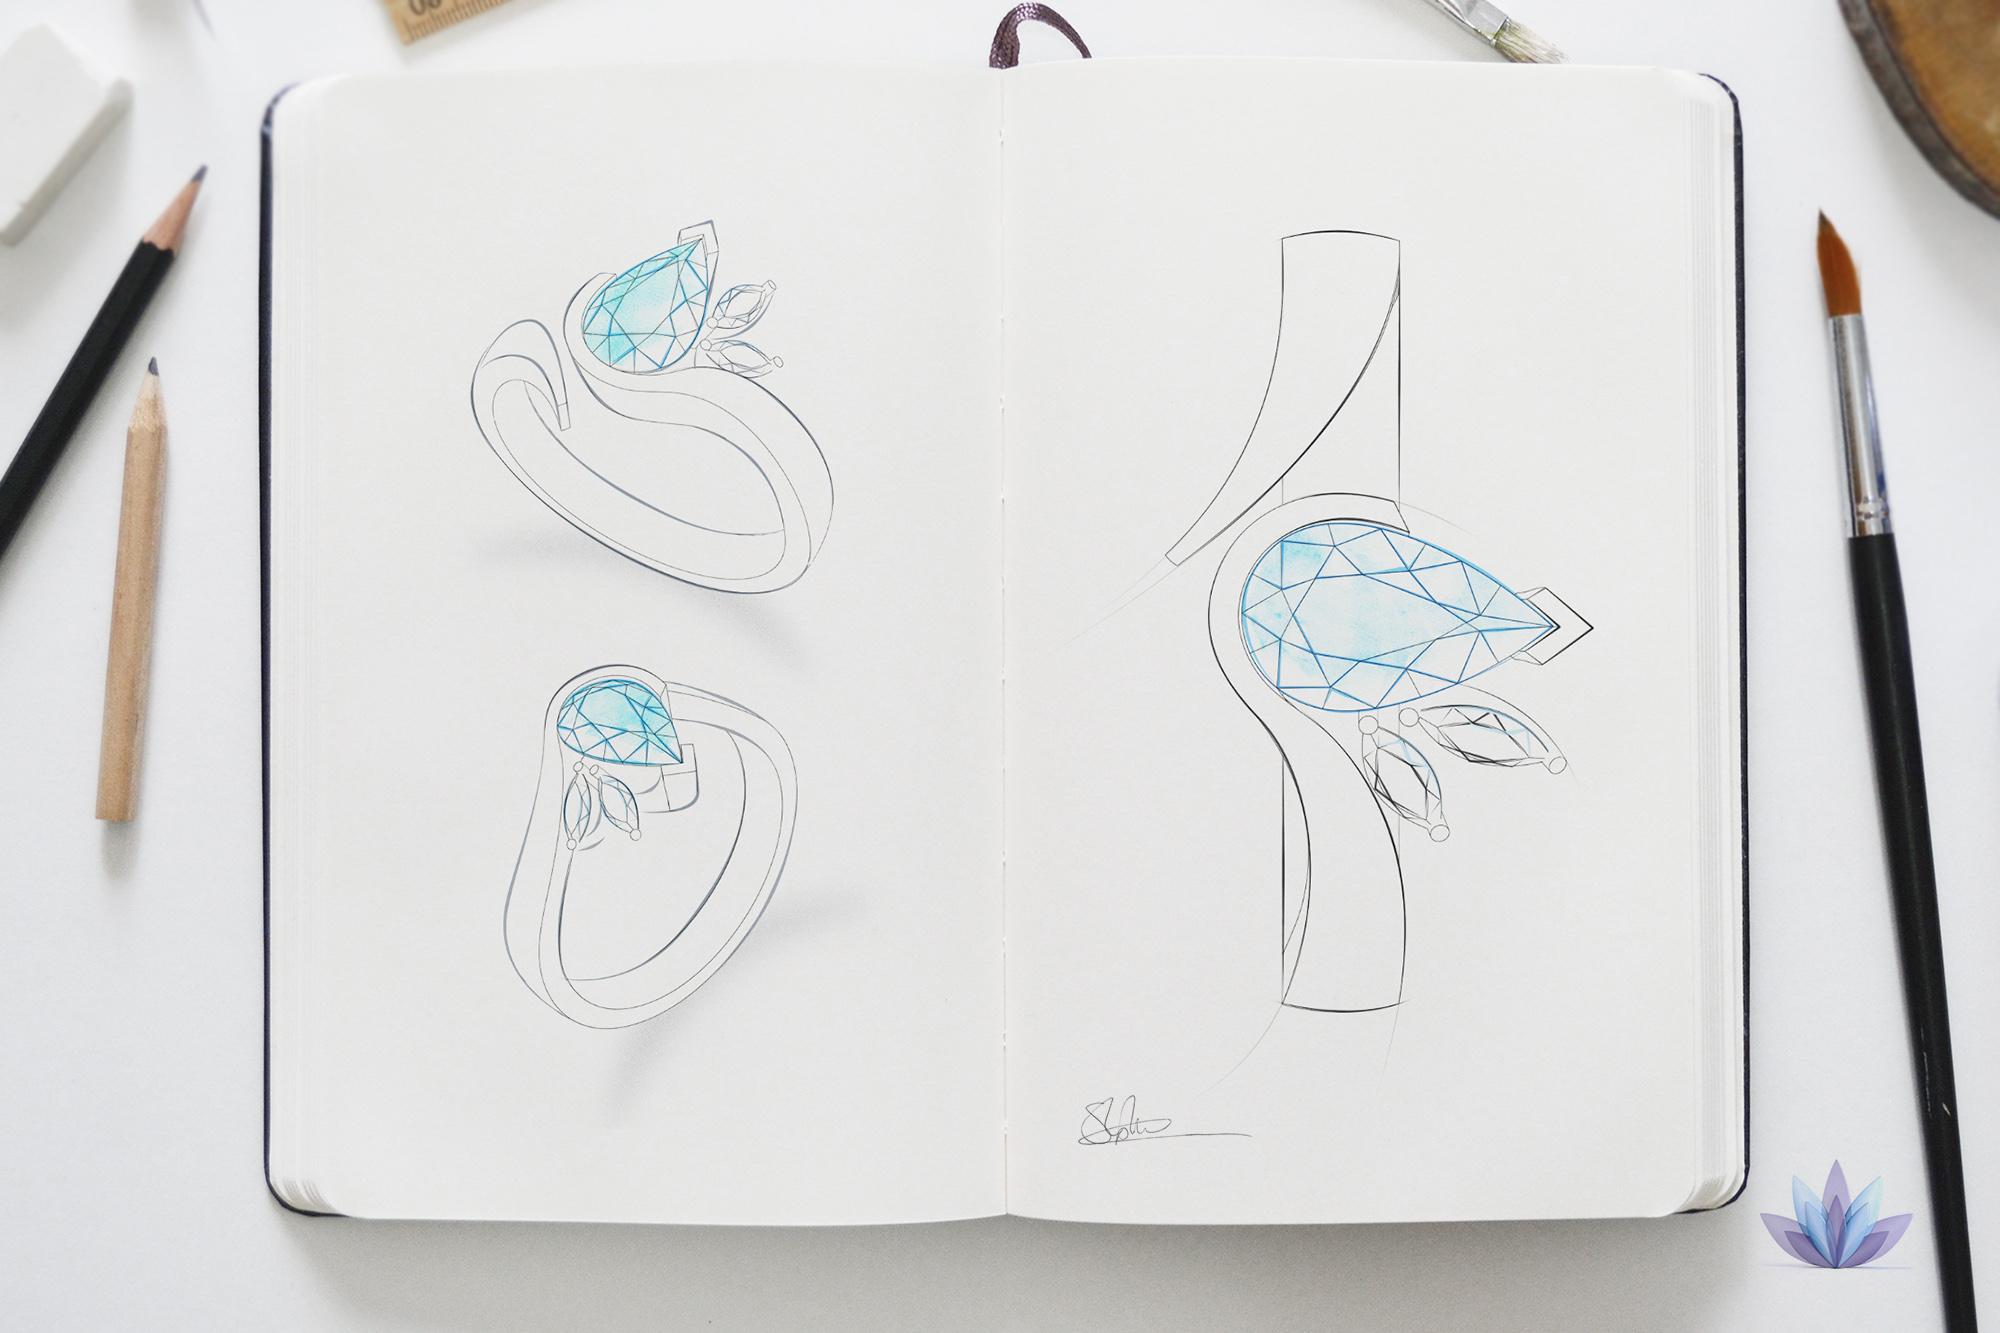 bespoke pear shape ring design